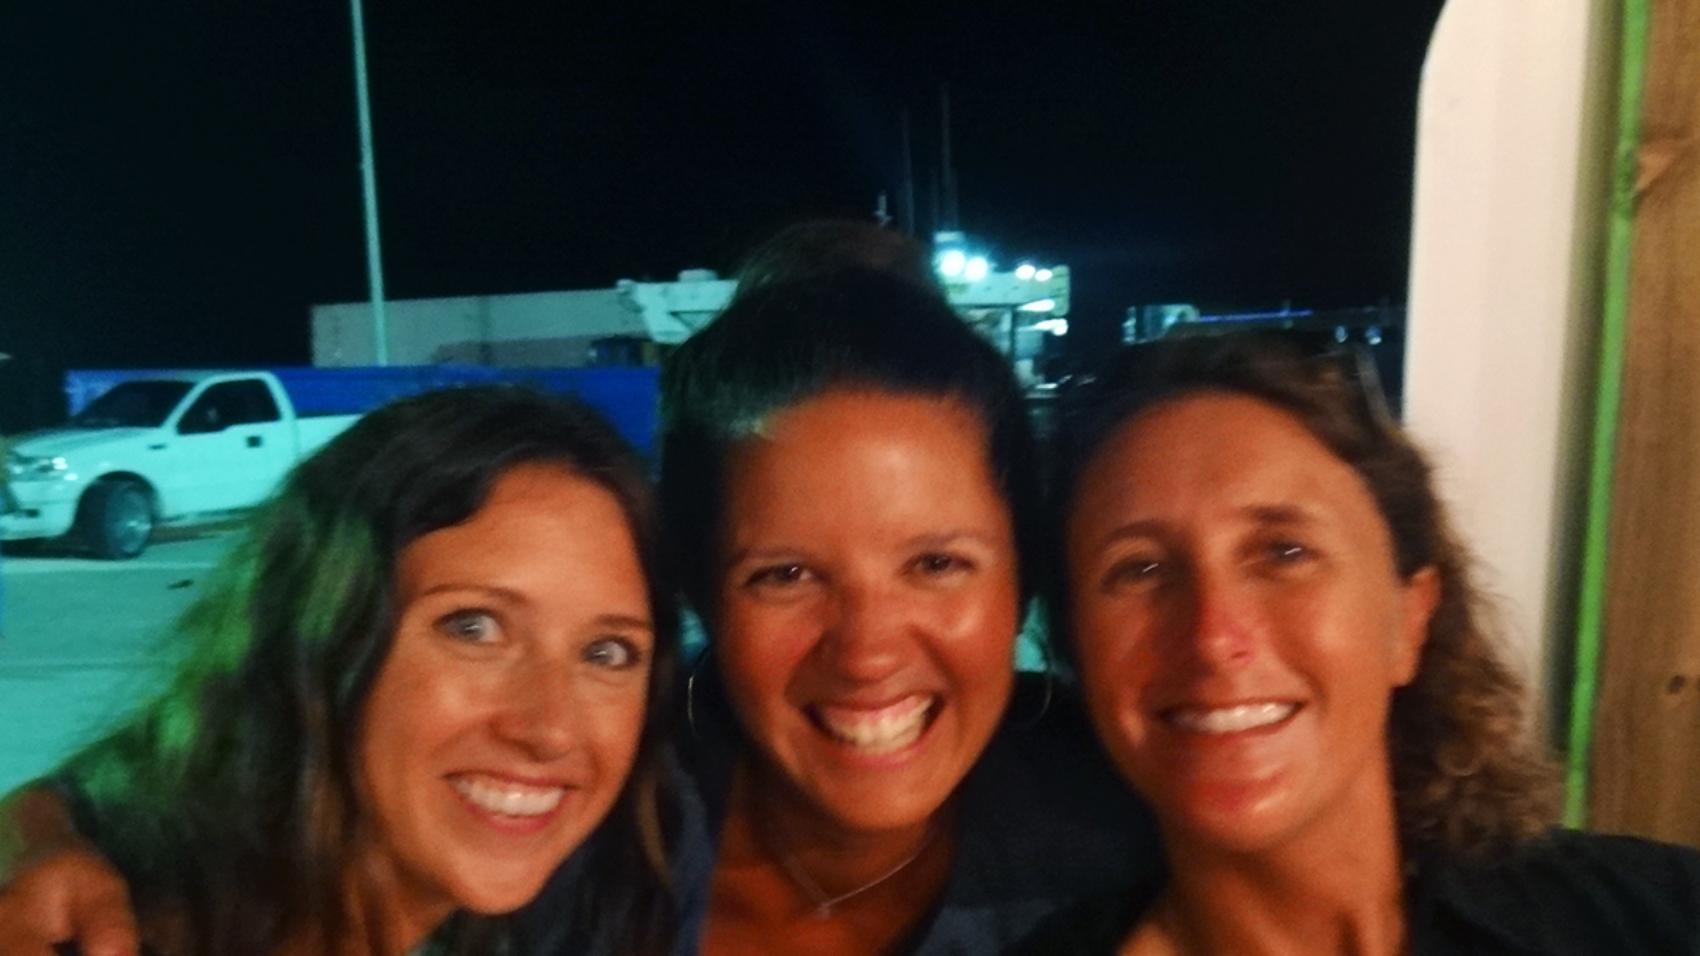 Jessica, Drena, & Kim